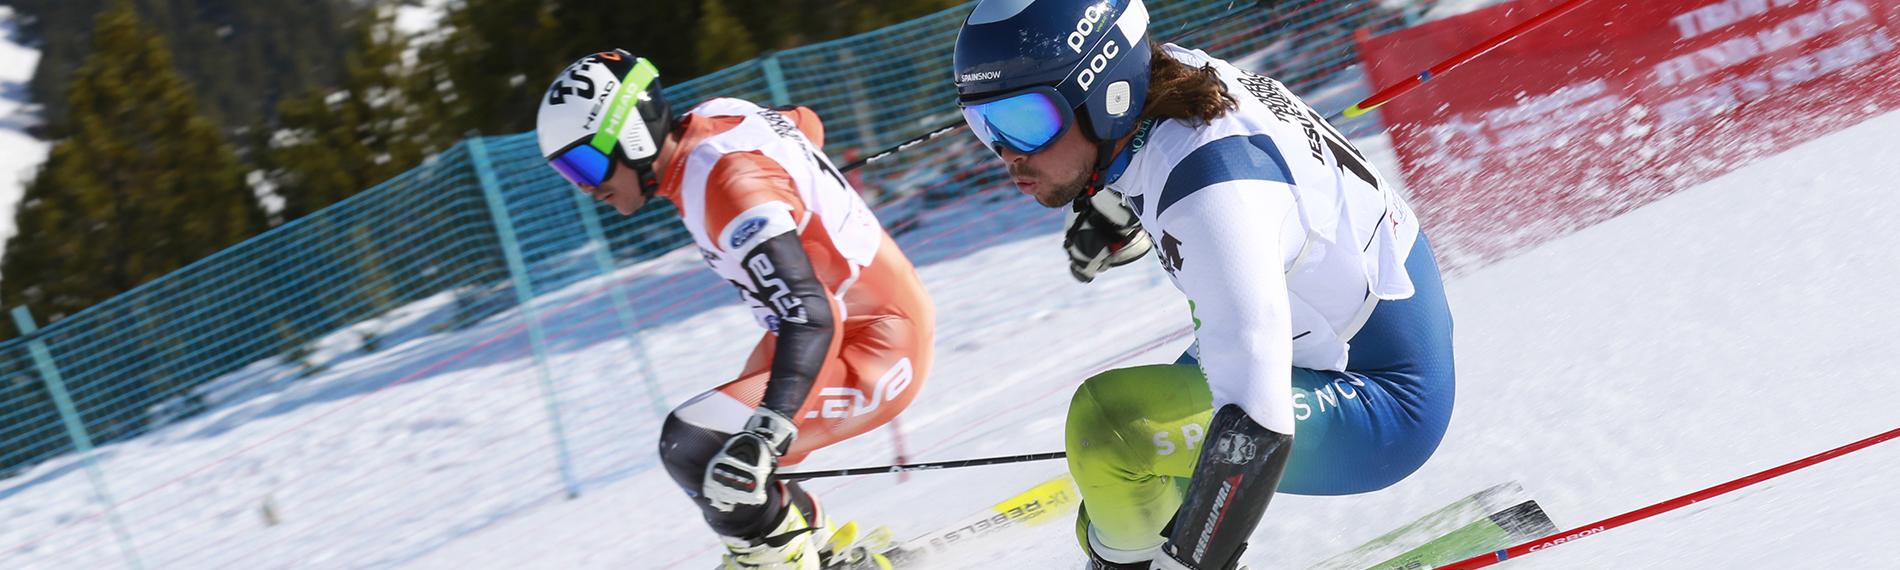 13th Edition of the Fundación Jesús Serra Ski Trophy